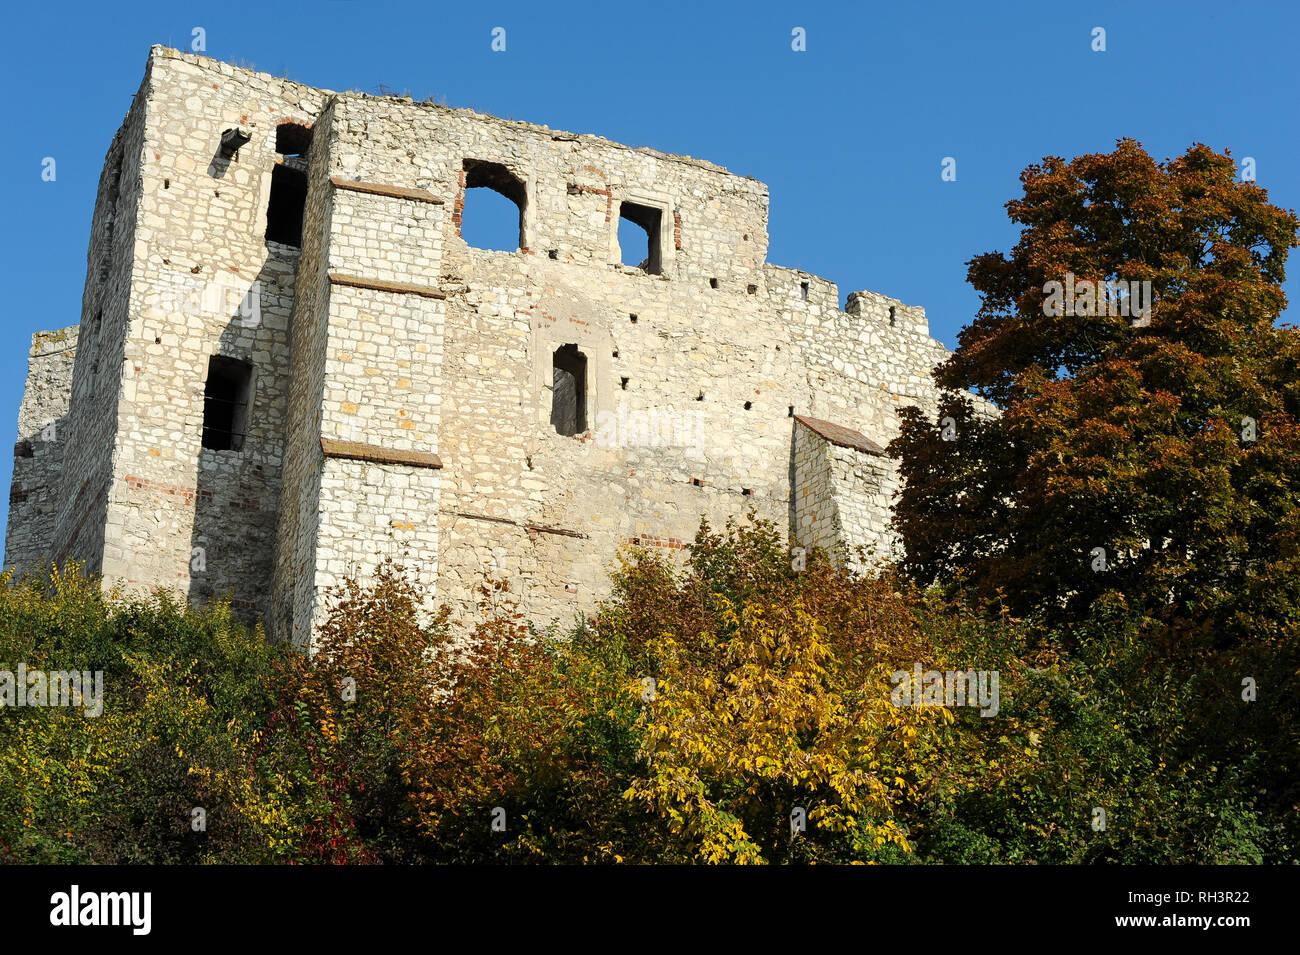 Ruins of Gothic castle built in XIV century by Polish King Kazimierz Wielki in Kazimierz Dolny, Poland. October 8th 2008 © Wojciech Strozyk / Alamy St - Stock Image